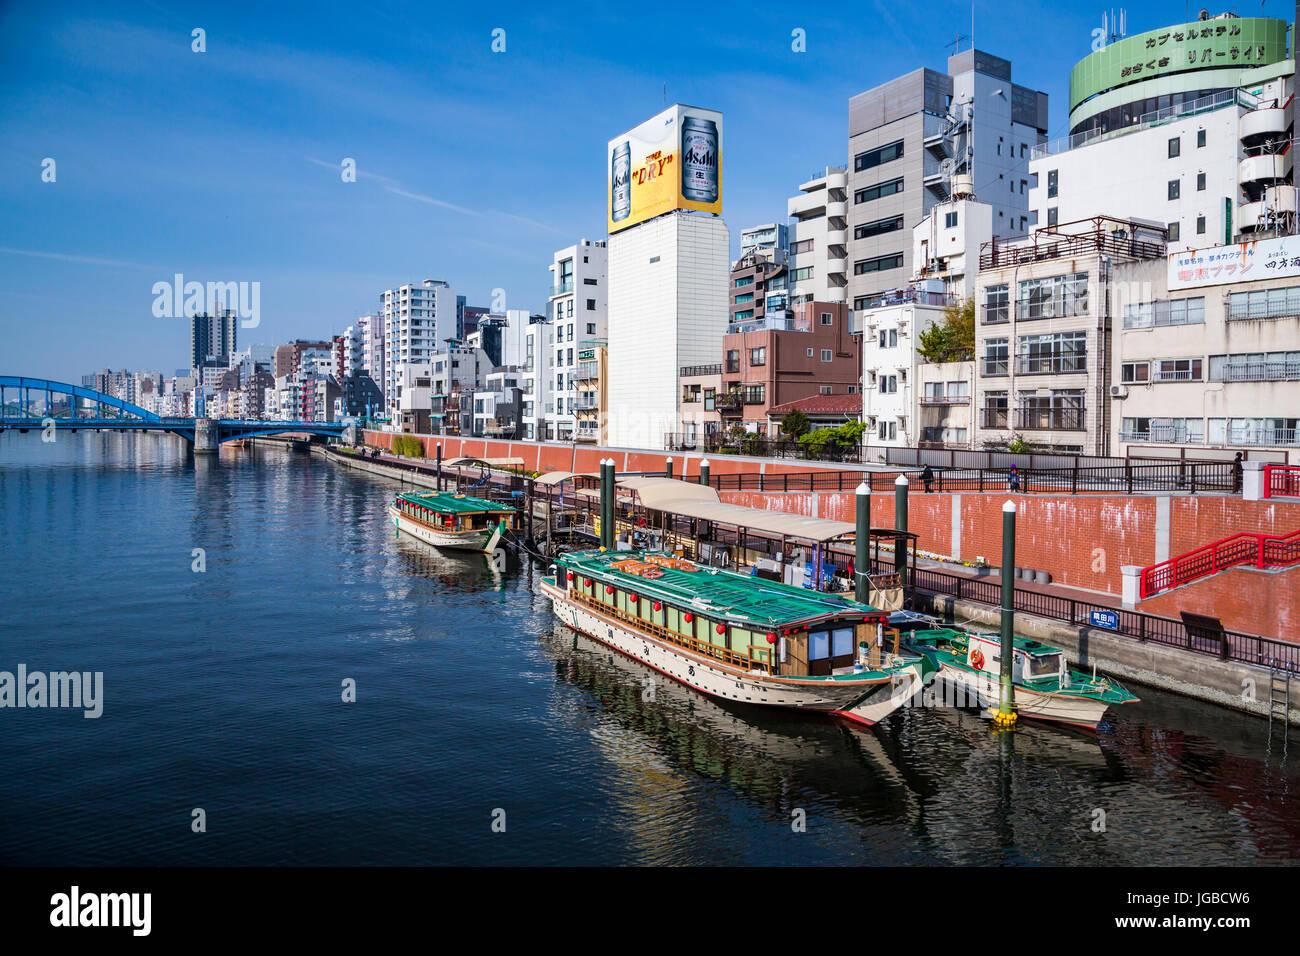 Le riflessioni di barche nel fiume Sumida in Asakusa, Tokyo, Giappone. Immagini Stock